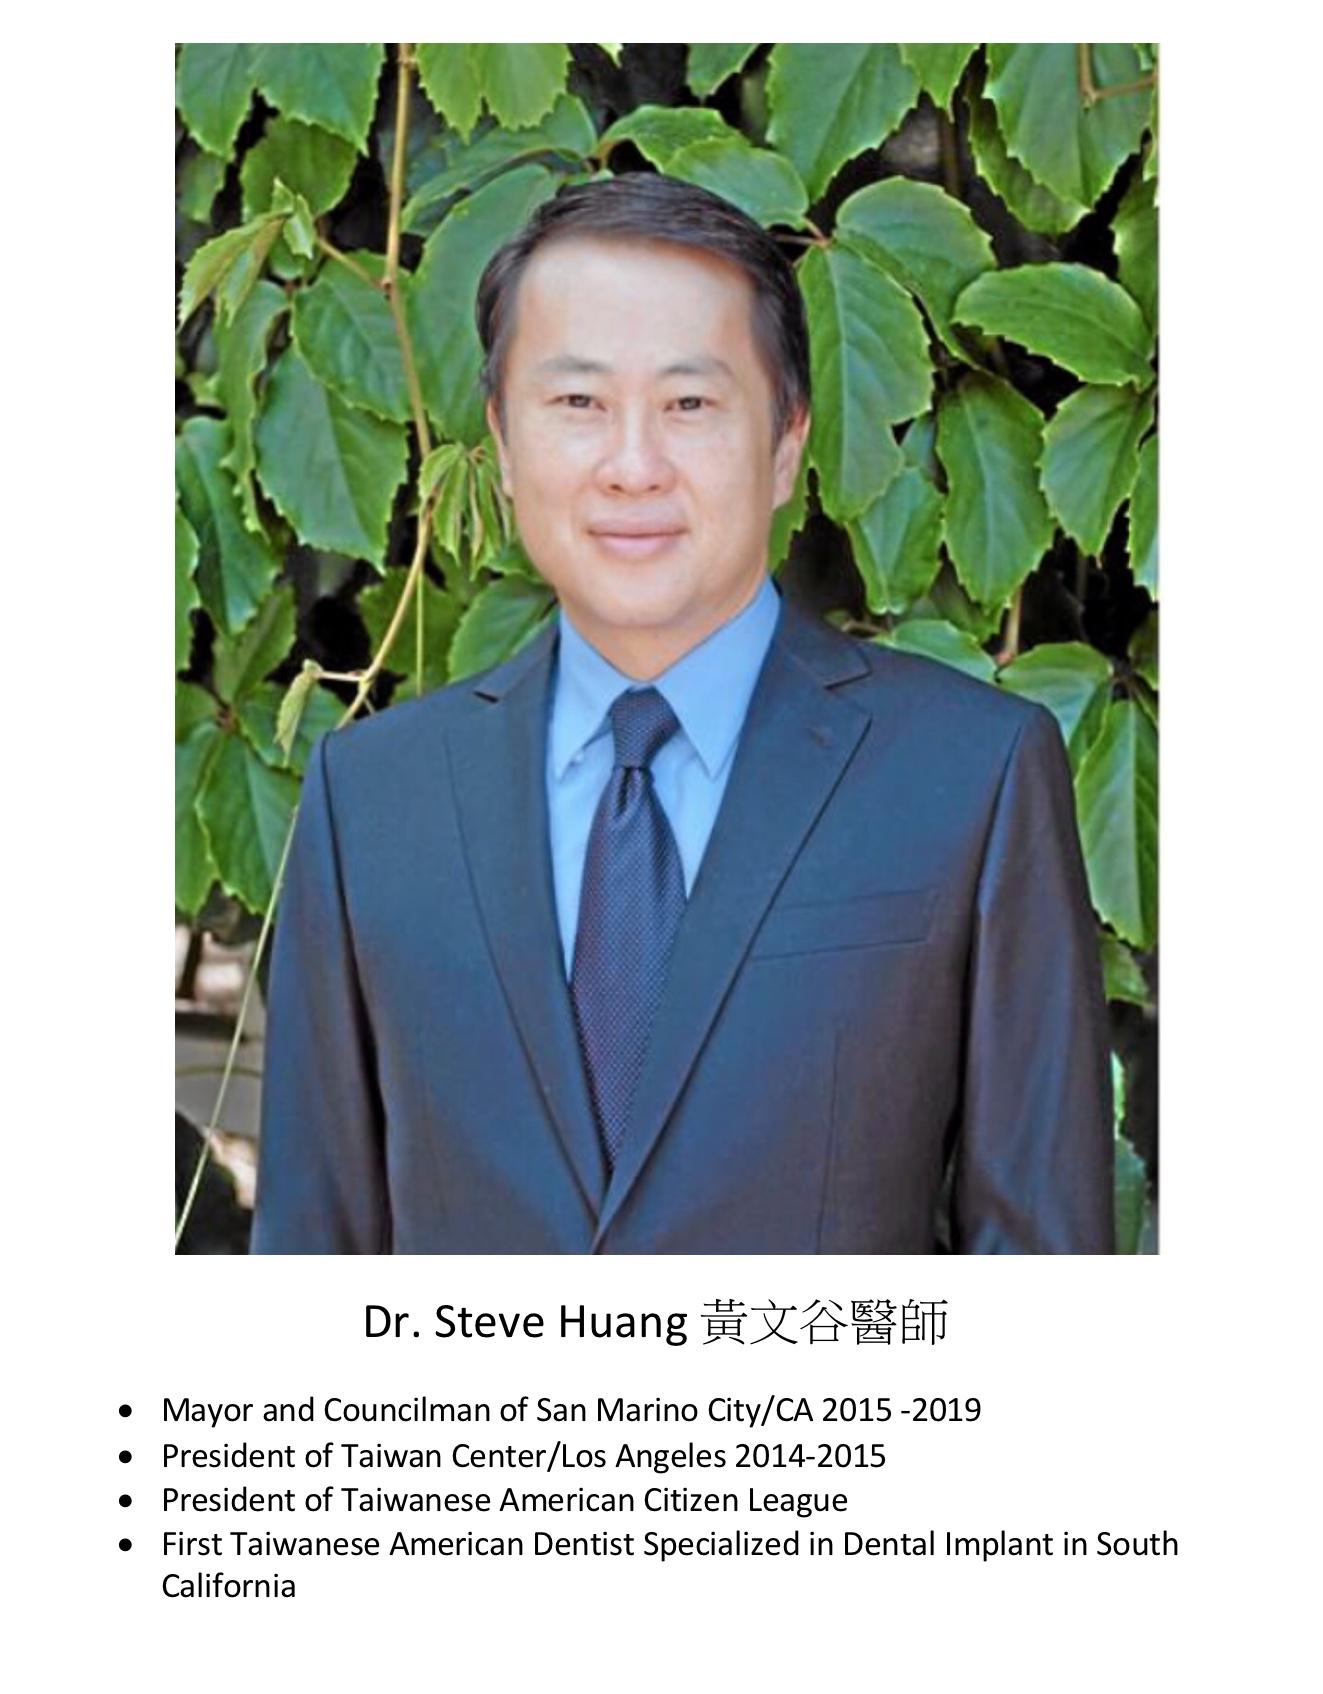 224. Dr. Steve Huang 黃文谷醫師